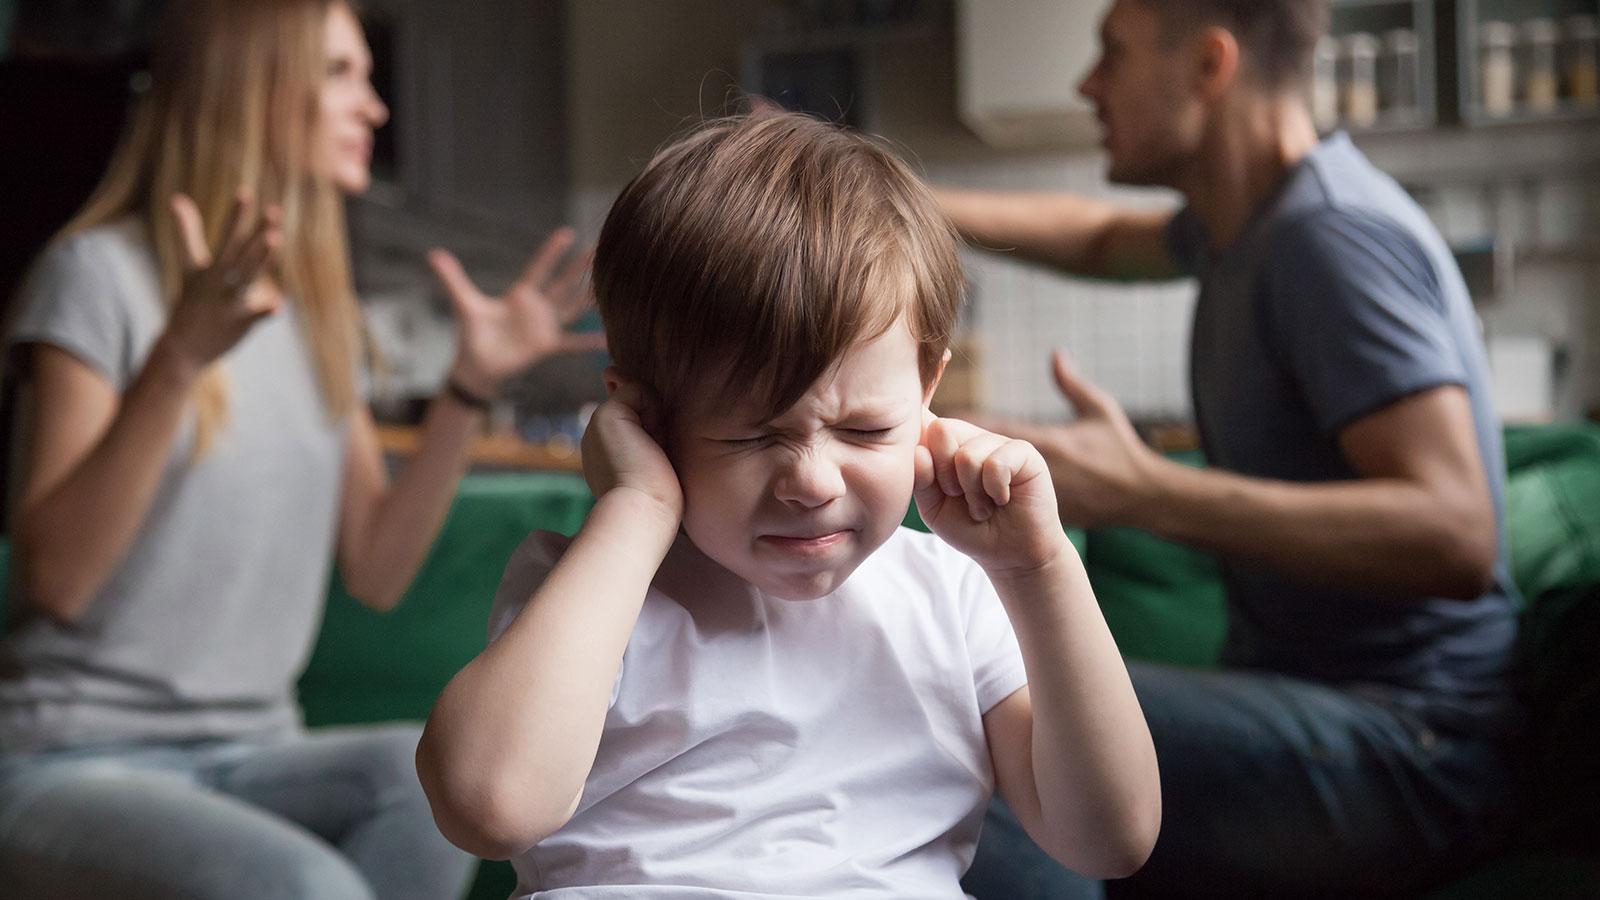 Los Problemas Familiares Afectan El Desarrollo Del Cerebro